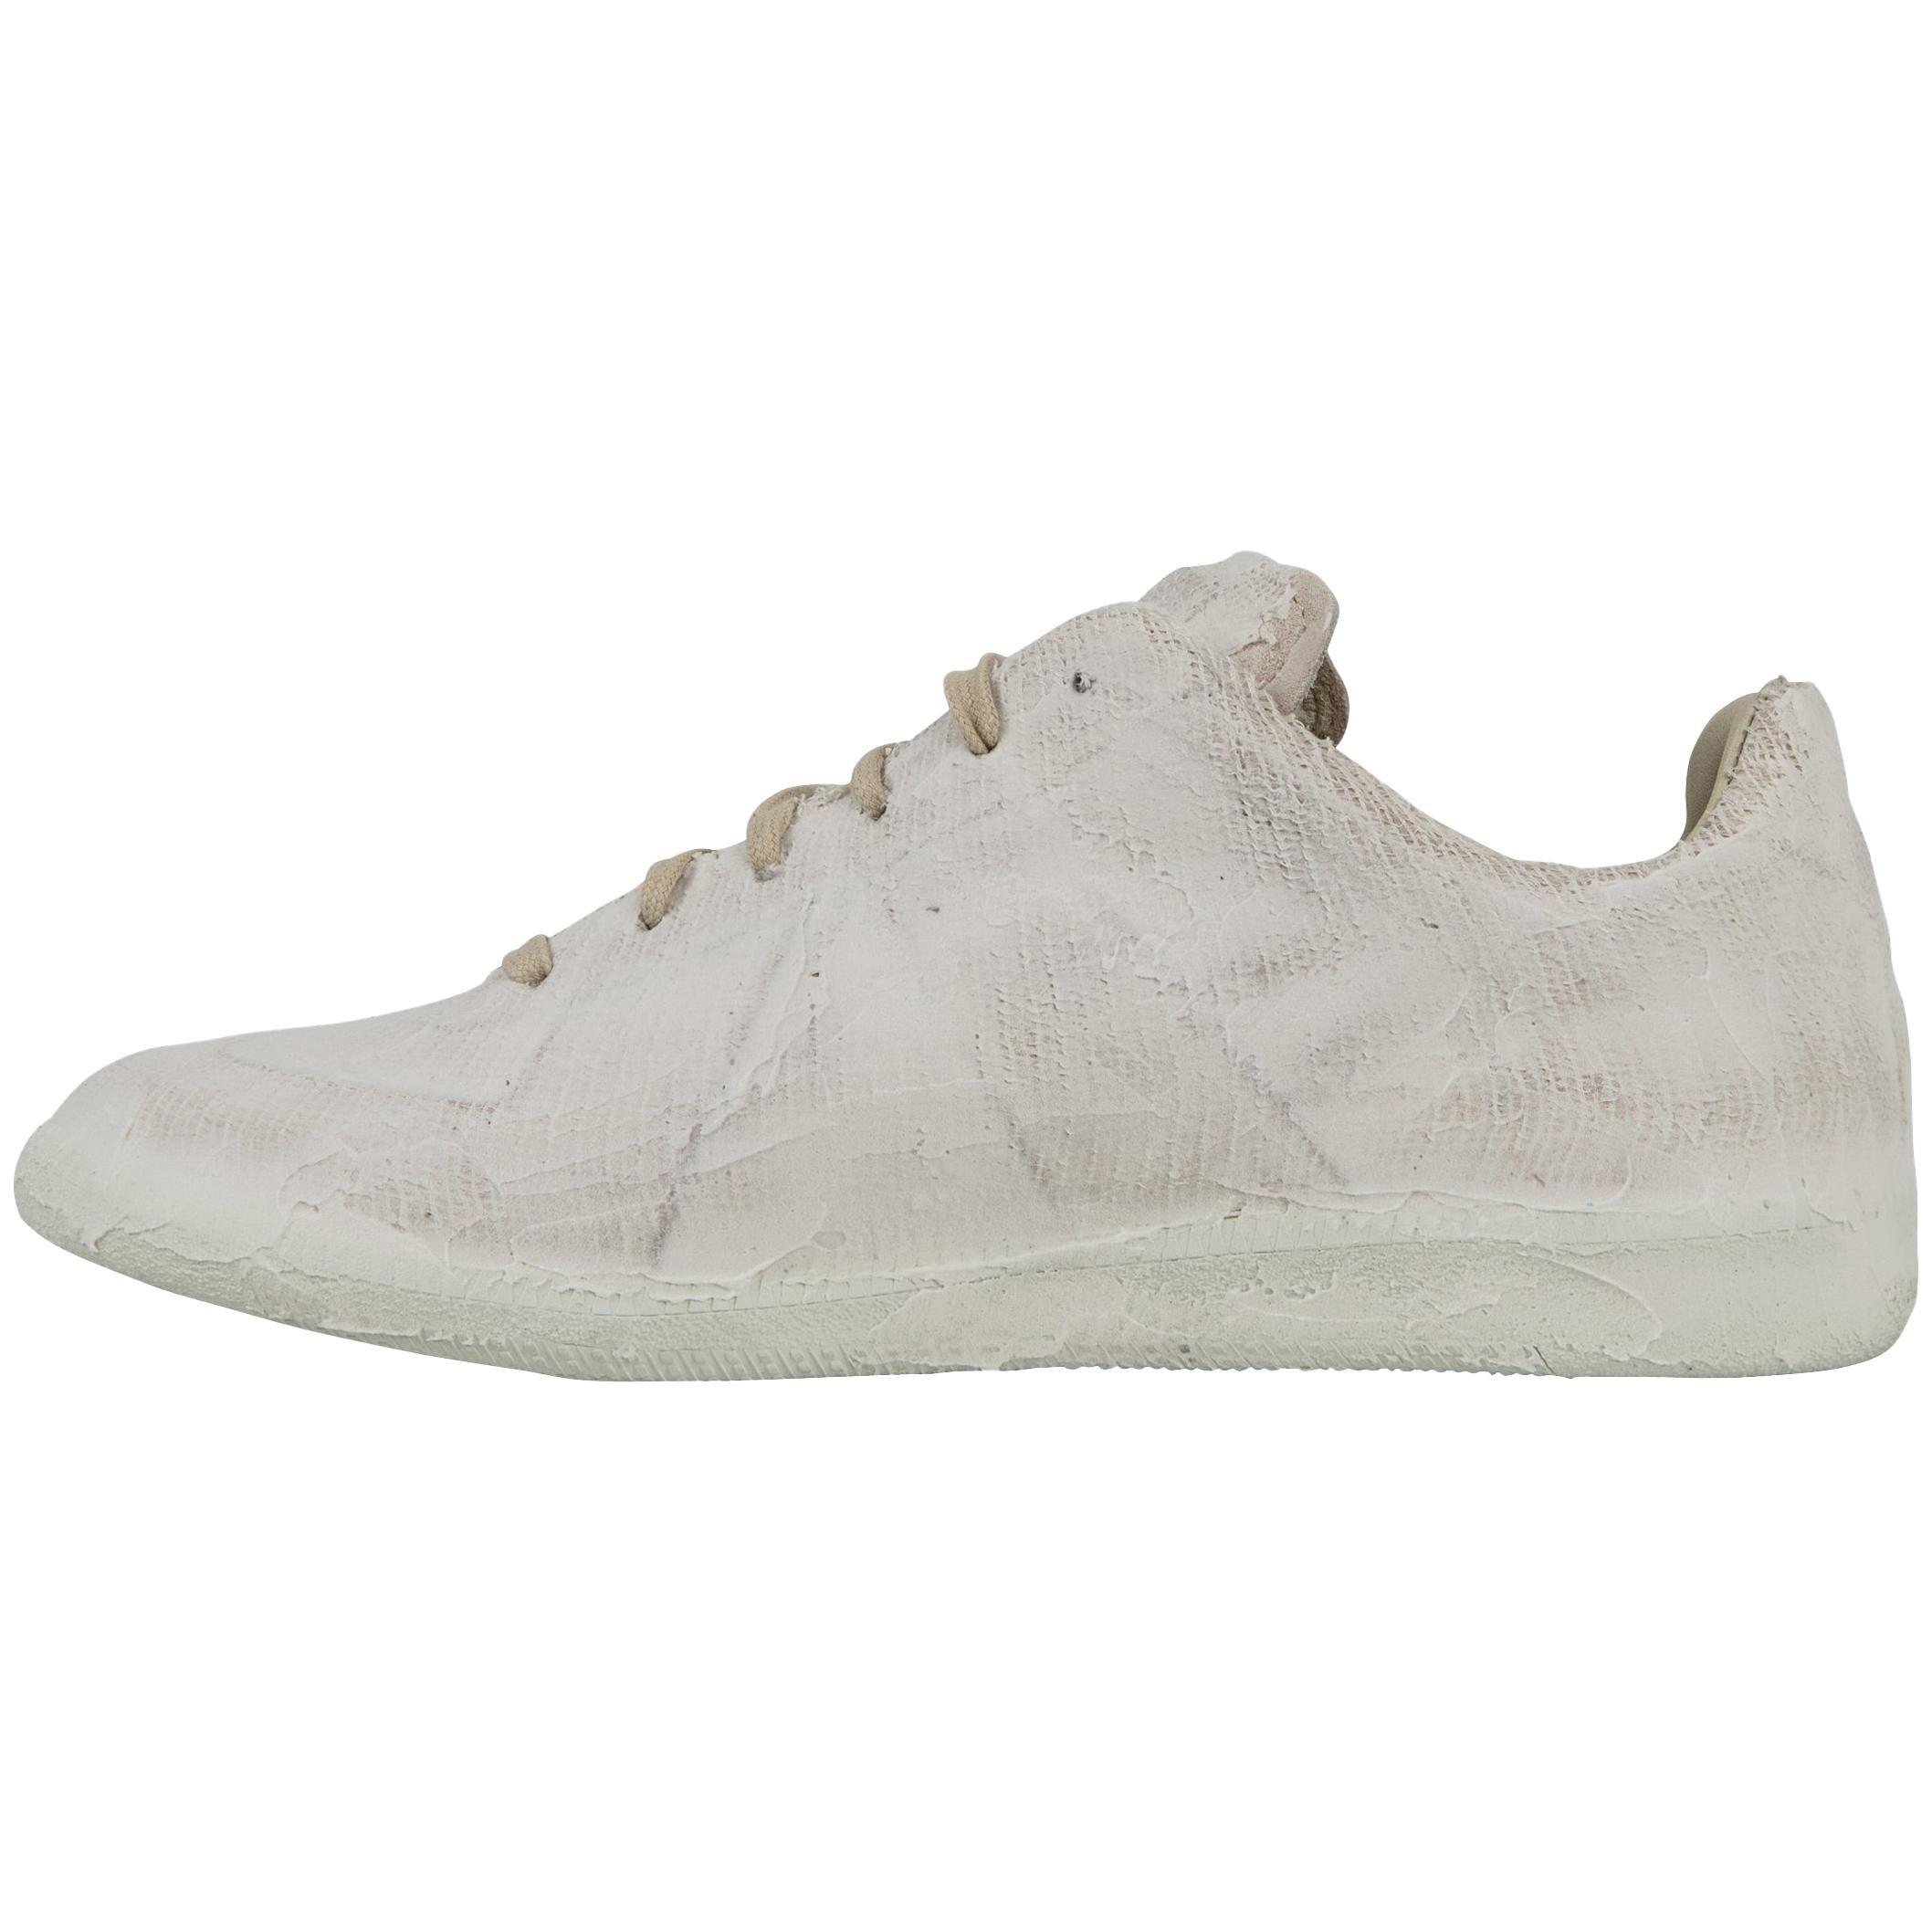 Maison Martin Margiela Men's Sneaker Paint-Finish White  43